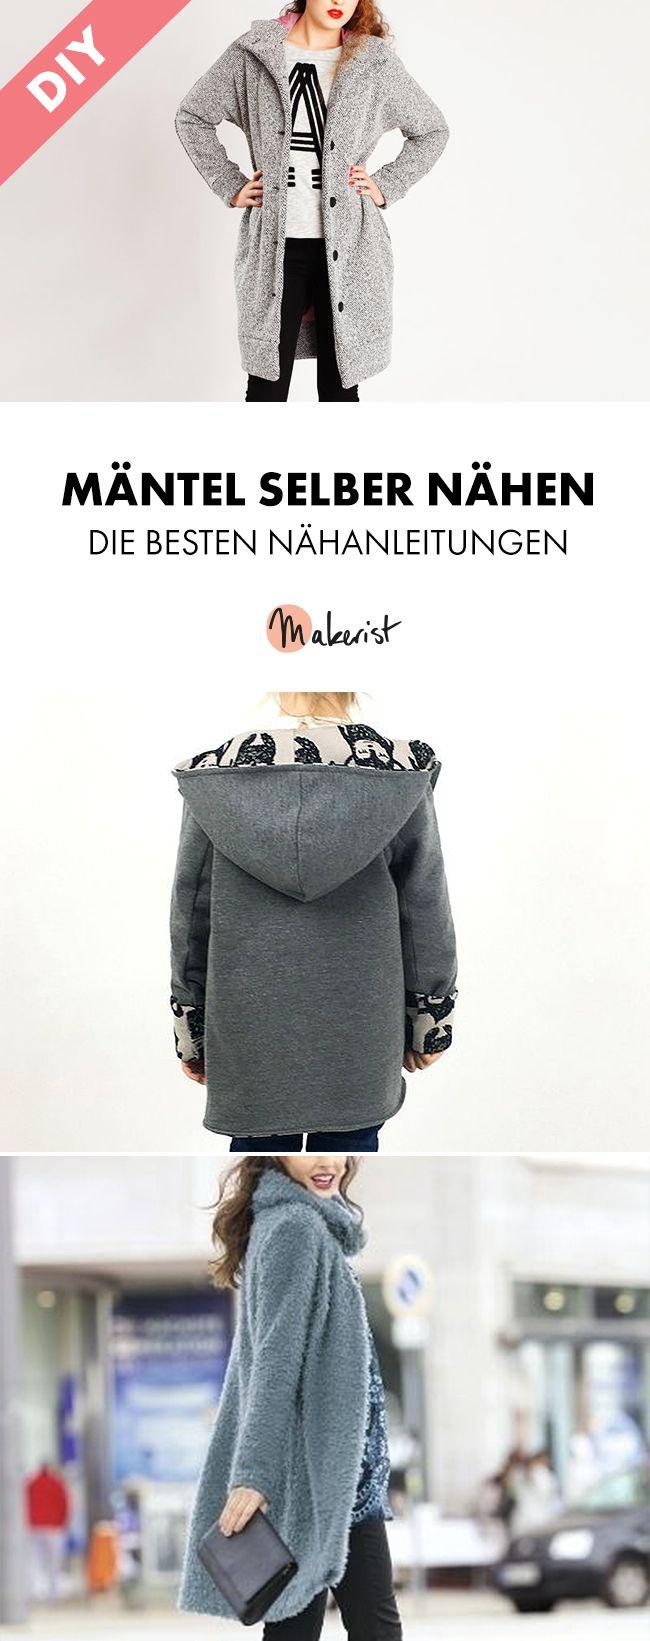 134 best Nähen images on Pinterest | Ausflüge, Brieftaschen und ...